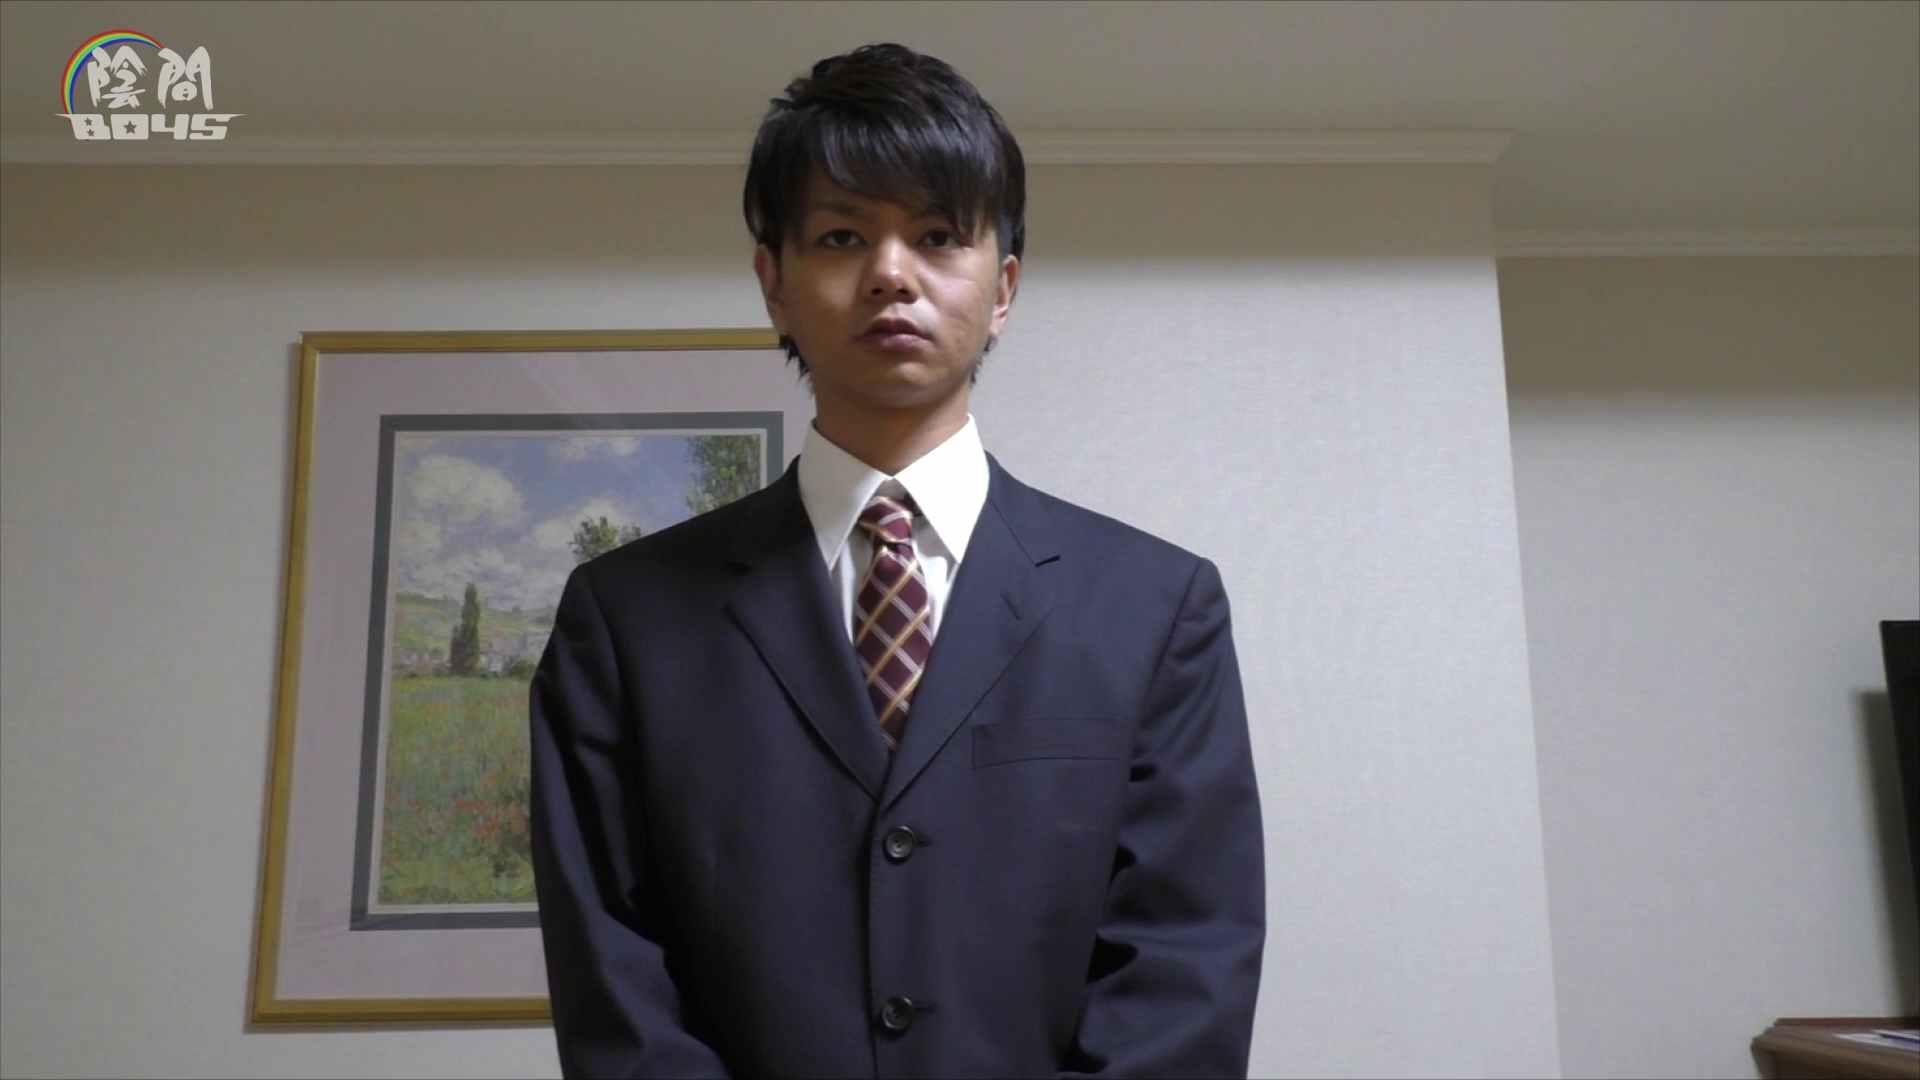 陰間BOYS~キャバクラの仕事はアナルから4 Vol.01 アナル ゲイザーメン画像 82枚 3